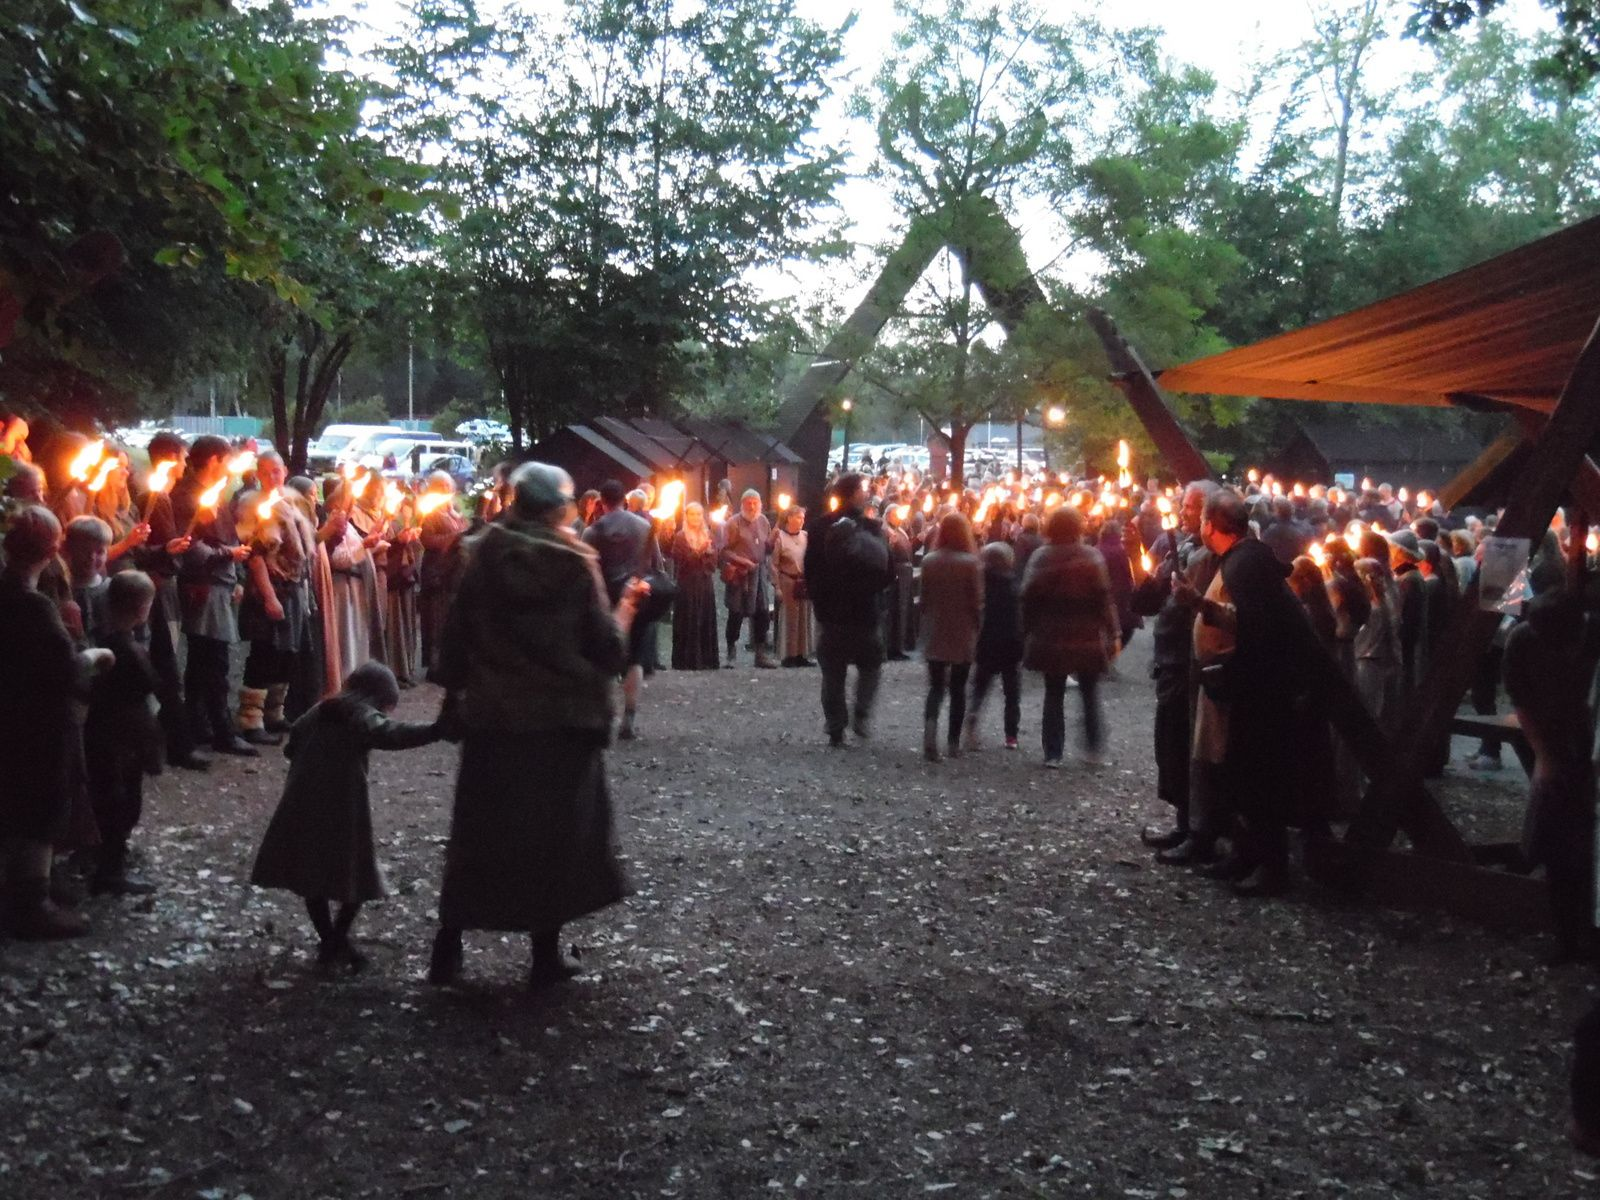 Vikingespil ou le Festival Viking